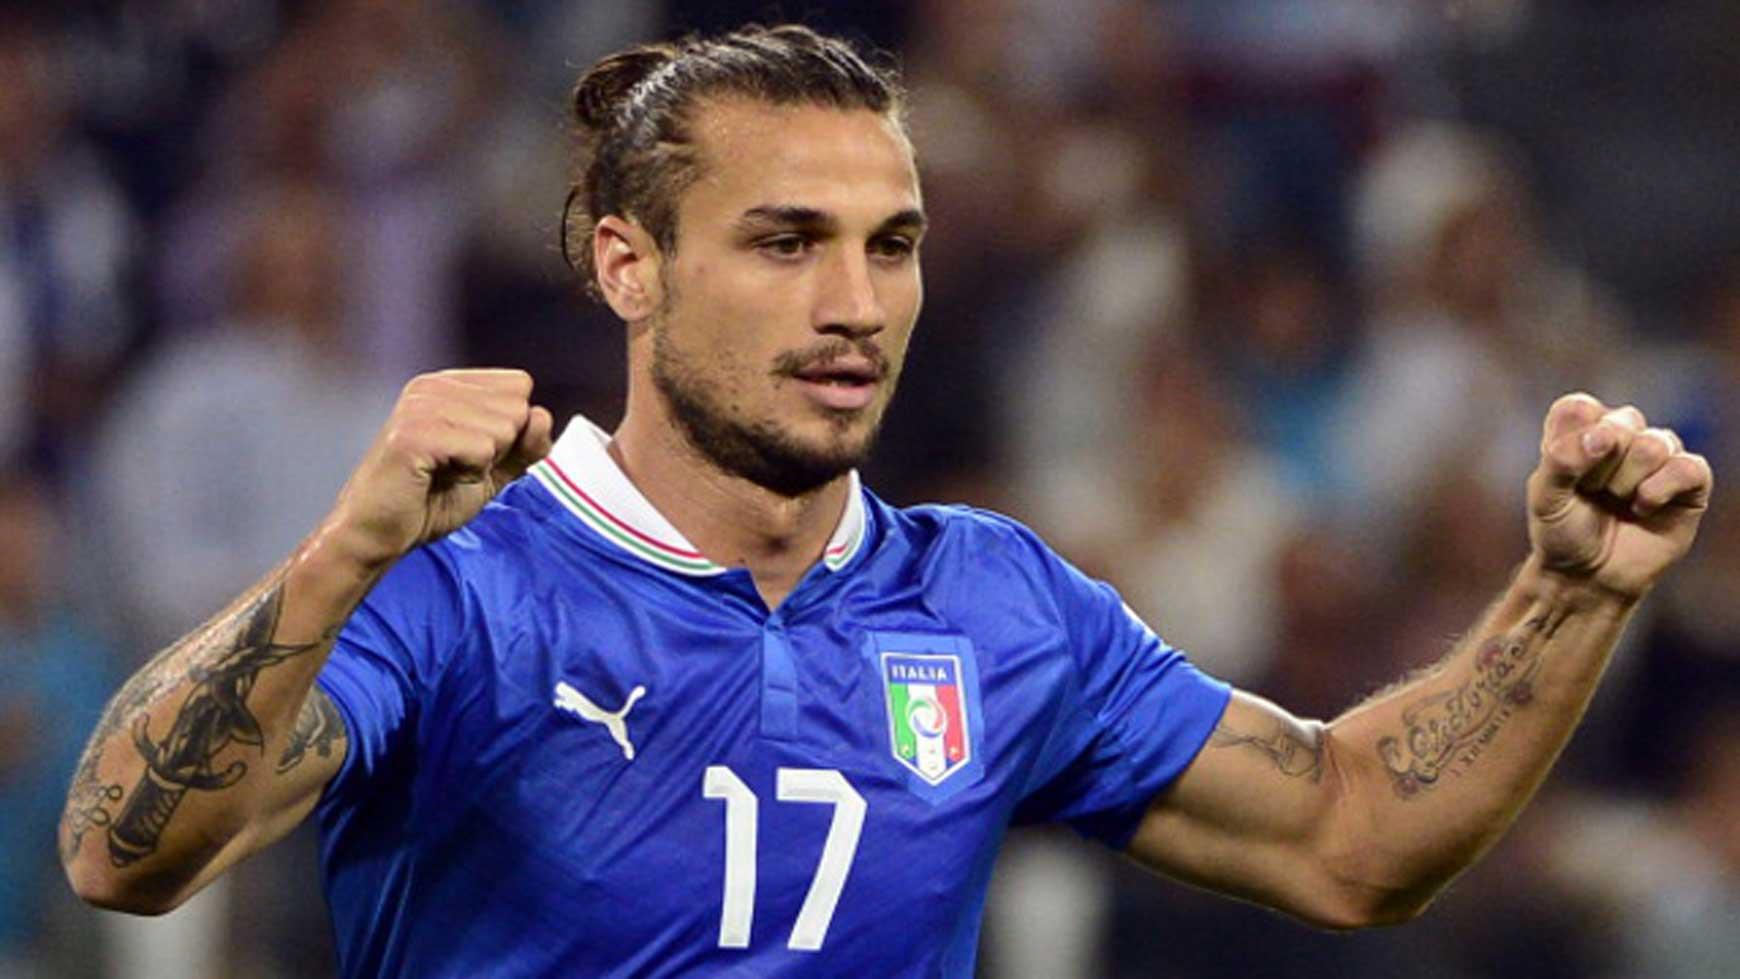 Calciomercato, Inter: 7 milioni per l'intero cartellino di Osvaldo